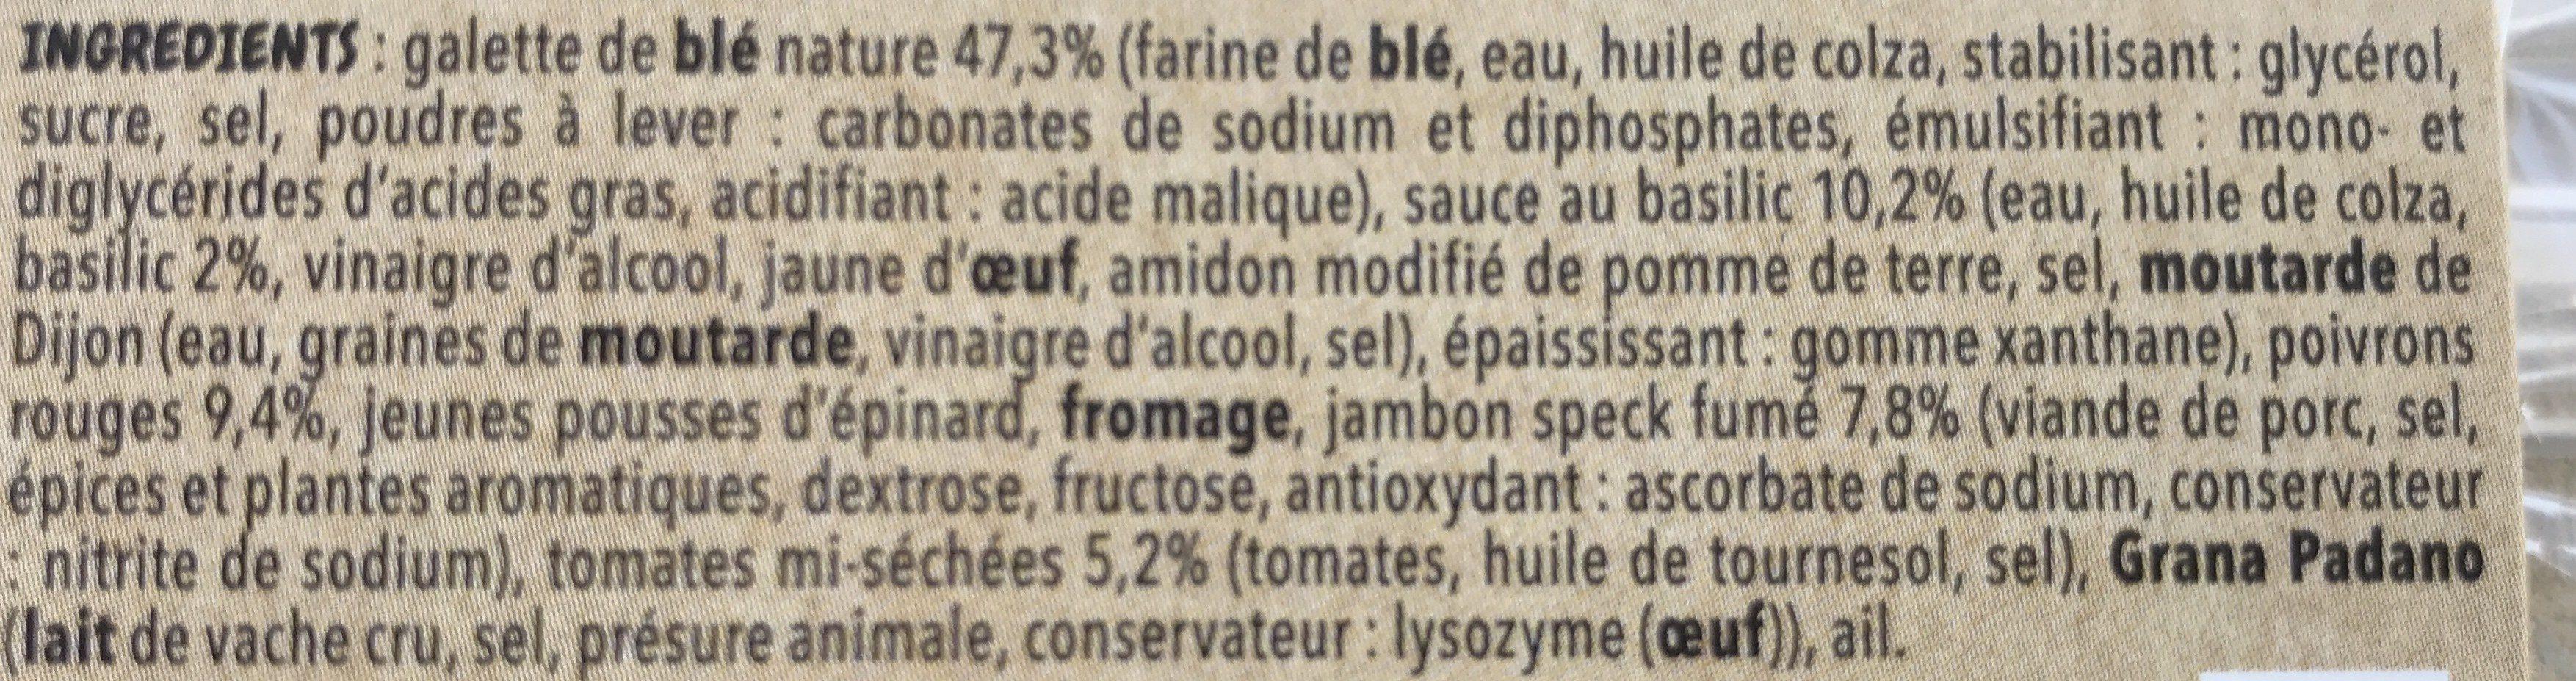 Wrap Jambon Speck, - Ingrédients - fr